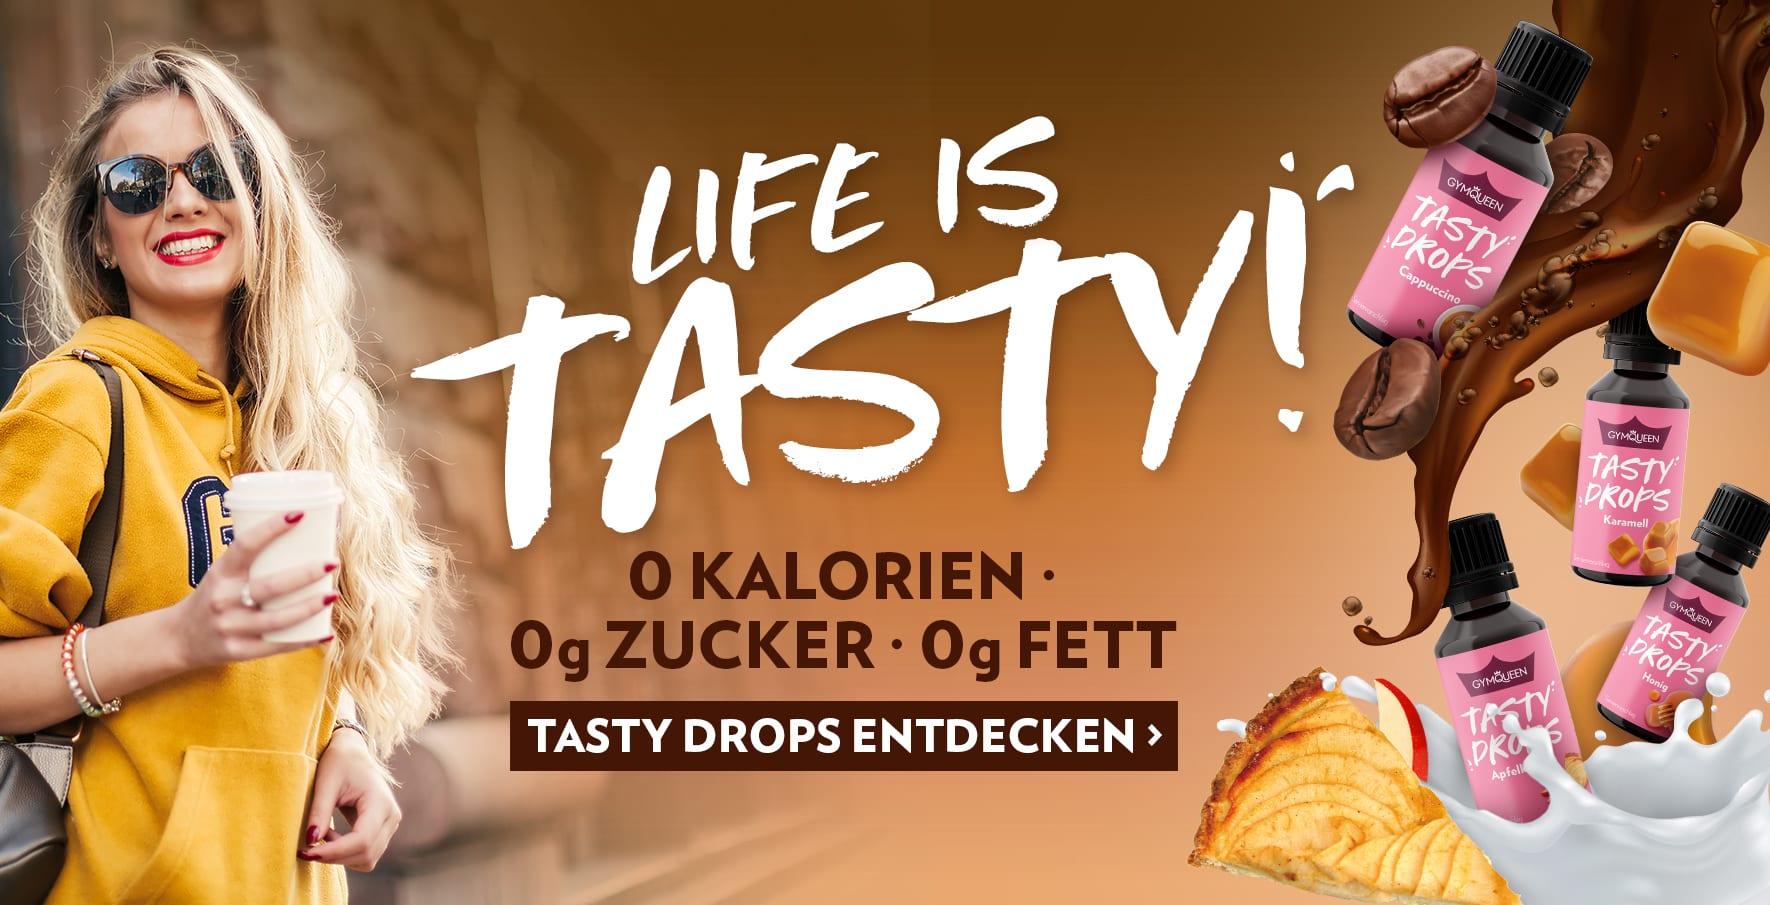 Einfach so lecker und komplett ohne Kalorien! Probiere unsere vielfältigen Tasty Drops Aromatropfen